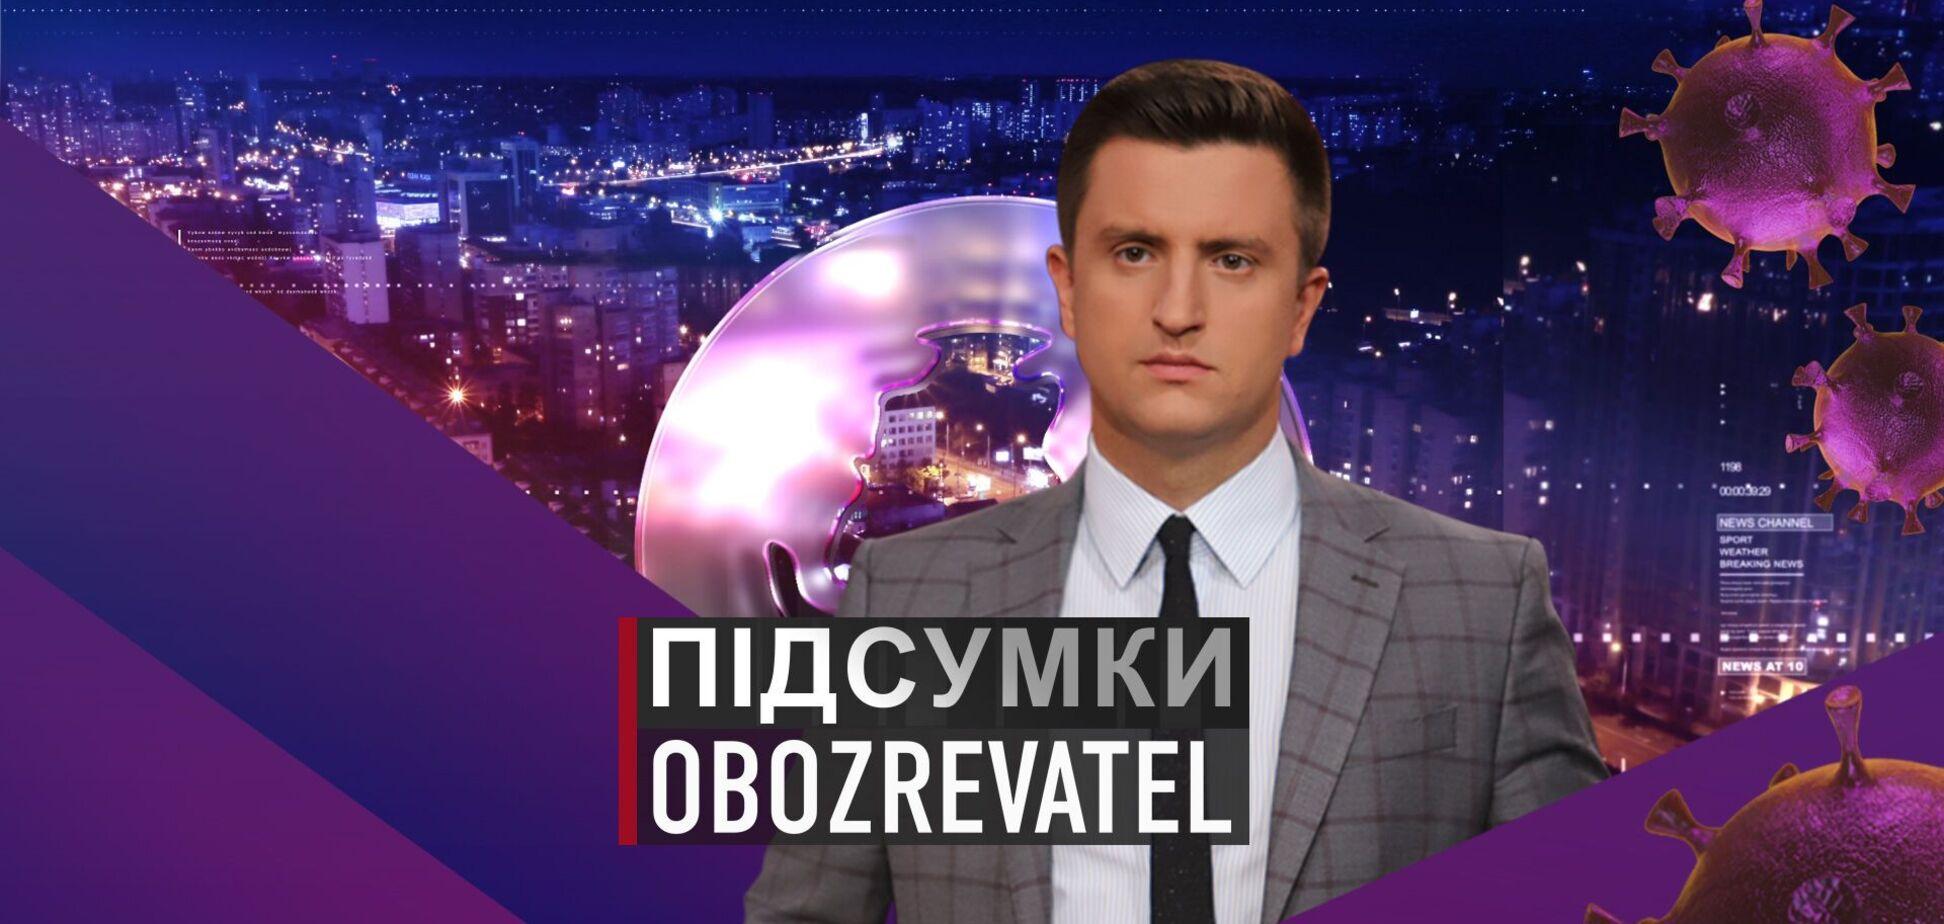 Підсумки с Вадимом Колодийчуком. Пятница, 3 сентября